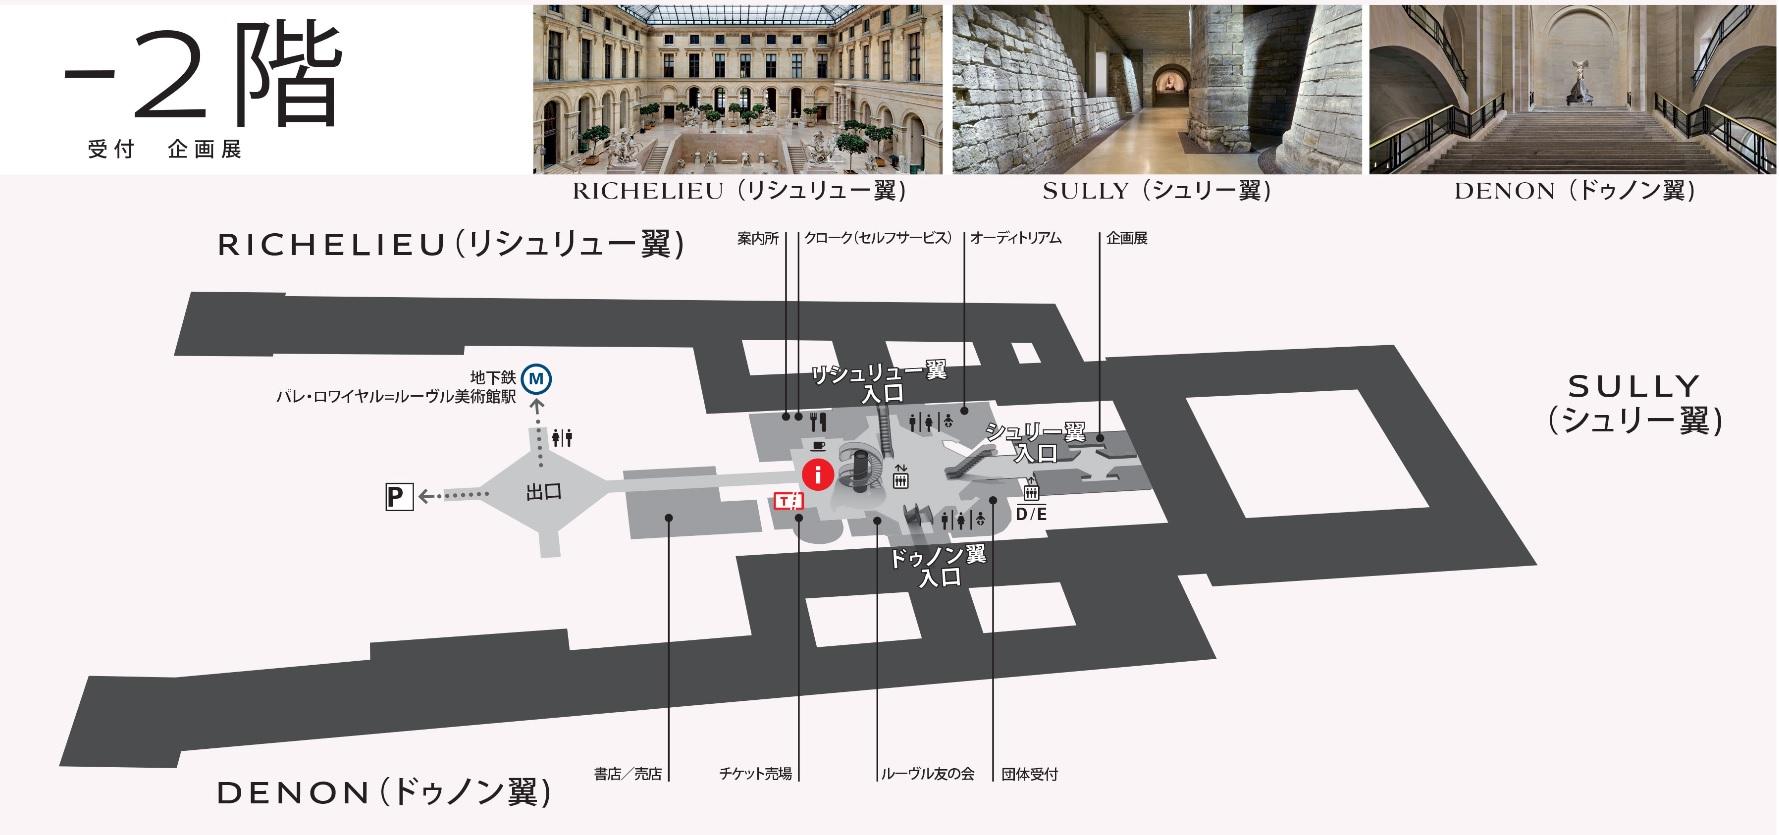 ルーブル美術館全体像